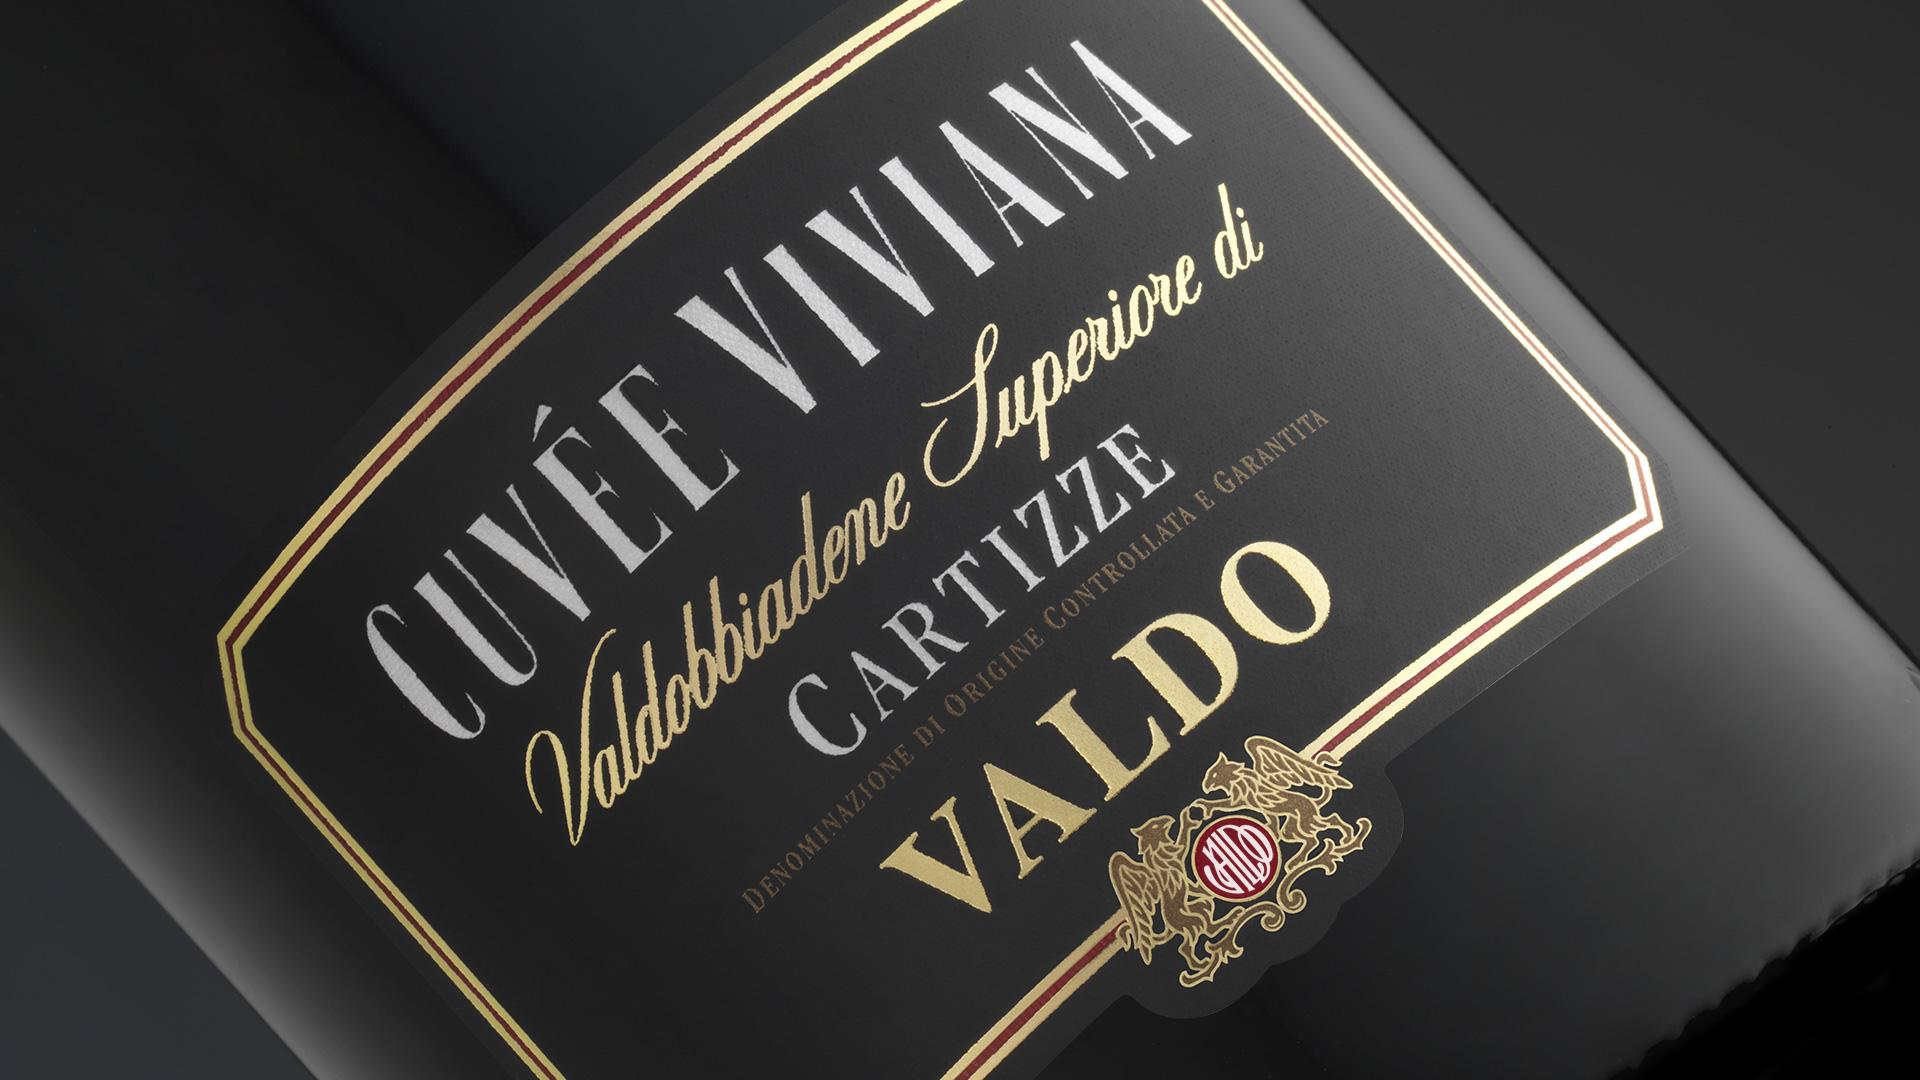 Valdo Cuveè Viviana closeup restyling